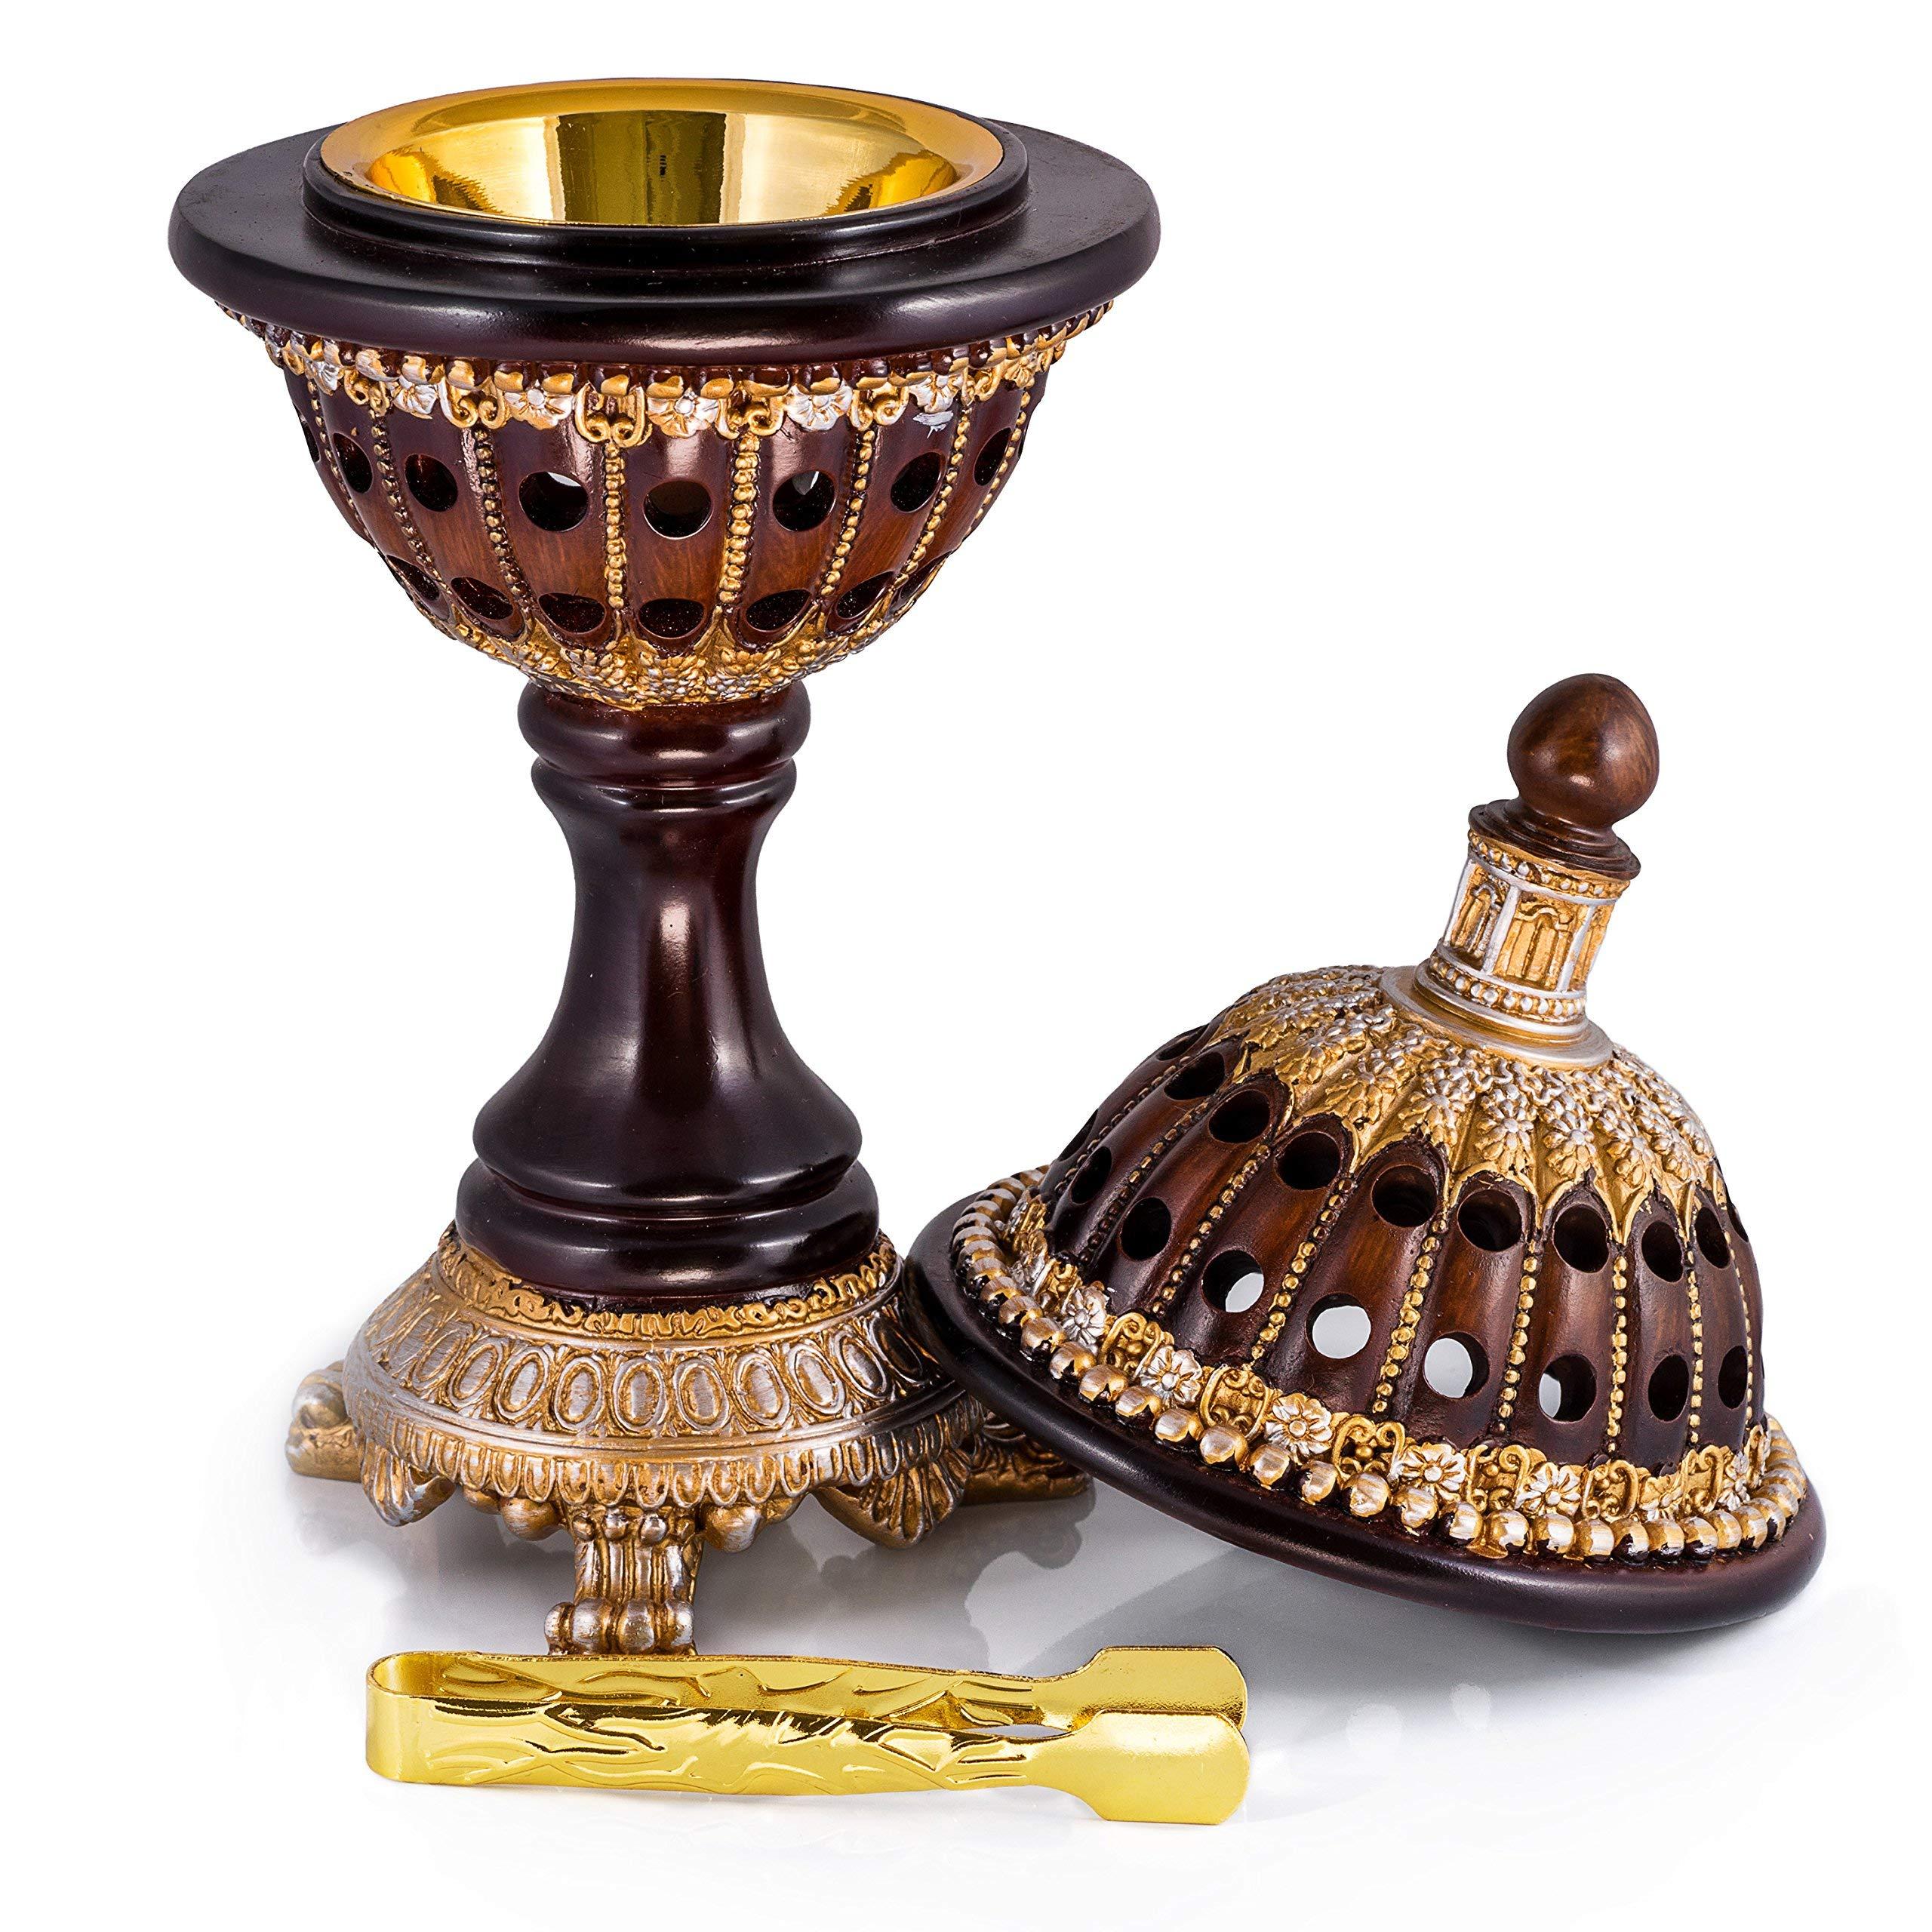 Crescendo /& Co Golden Tibetan Incense Burner Holder for Sticks Cones Coils Antique Metal Lotus Tibet Decor Chinese Incense Burner Fire Resistant Mat /& Brass Stick Holder